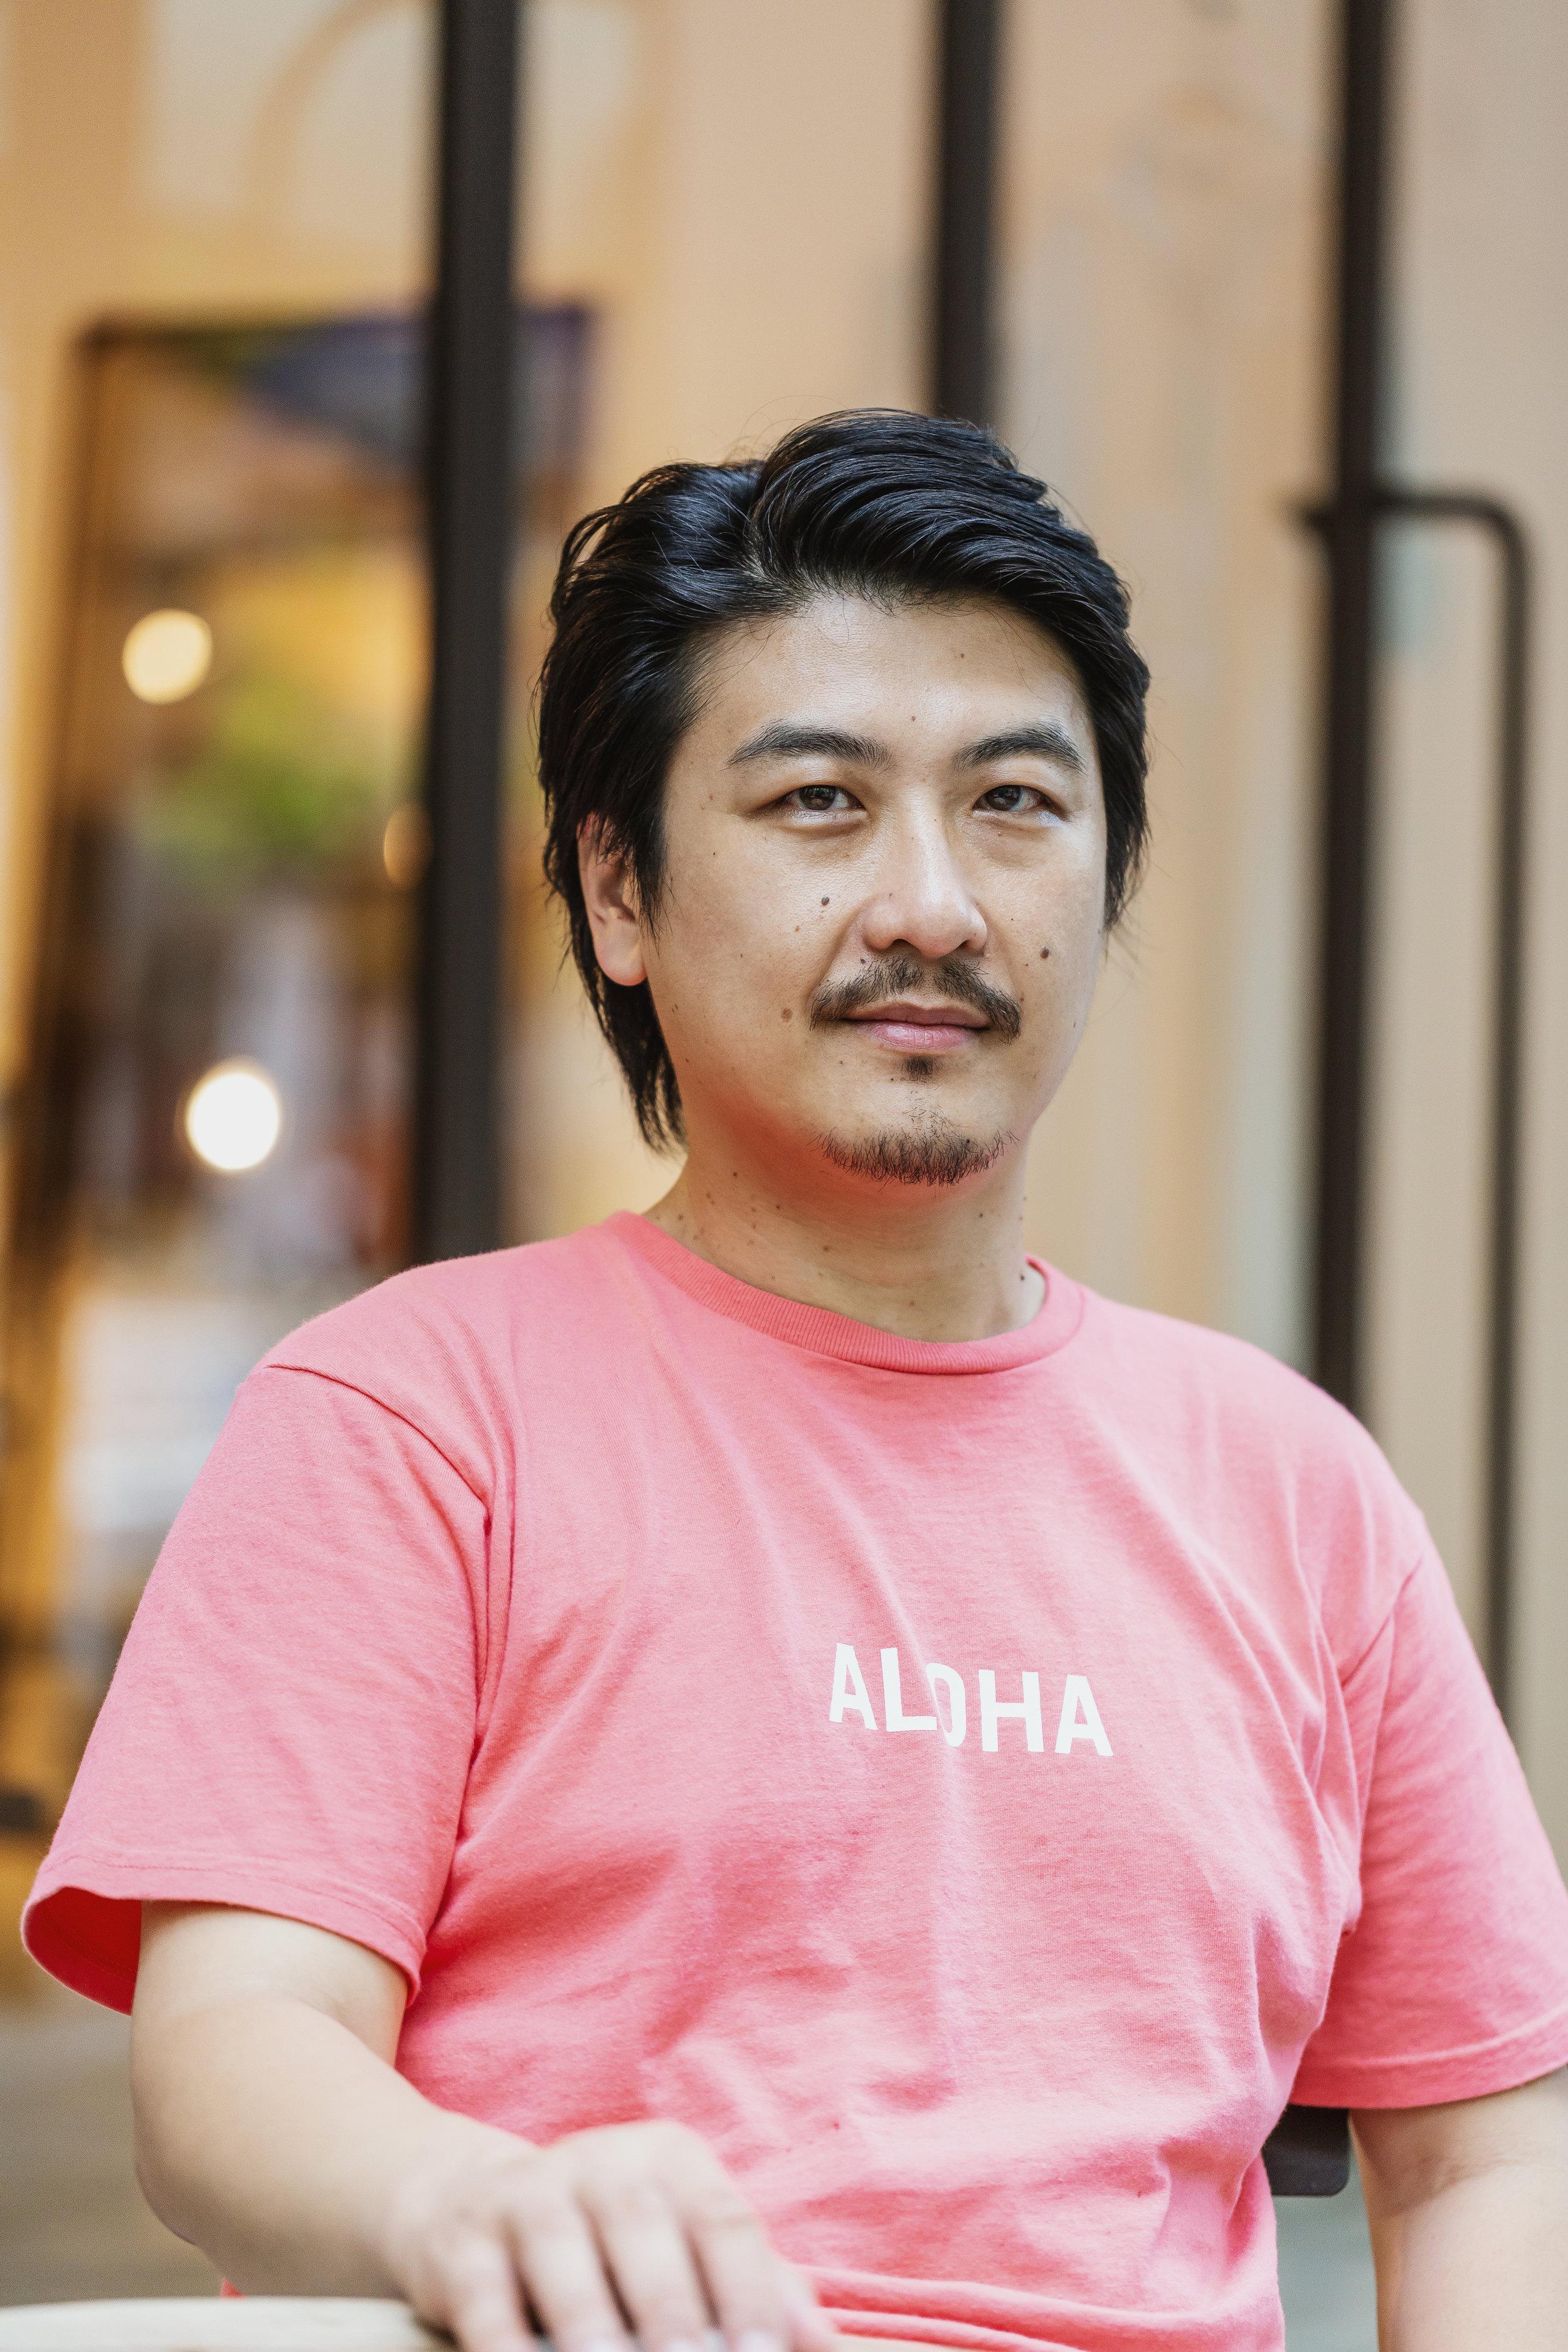 富锦树集团创办人吴羽杰带领集团迈入第五个年头,开始学习放缓脚步,与市场和消费者更同步。